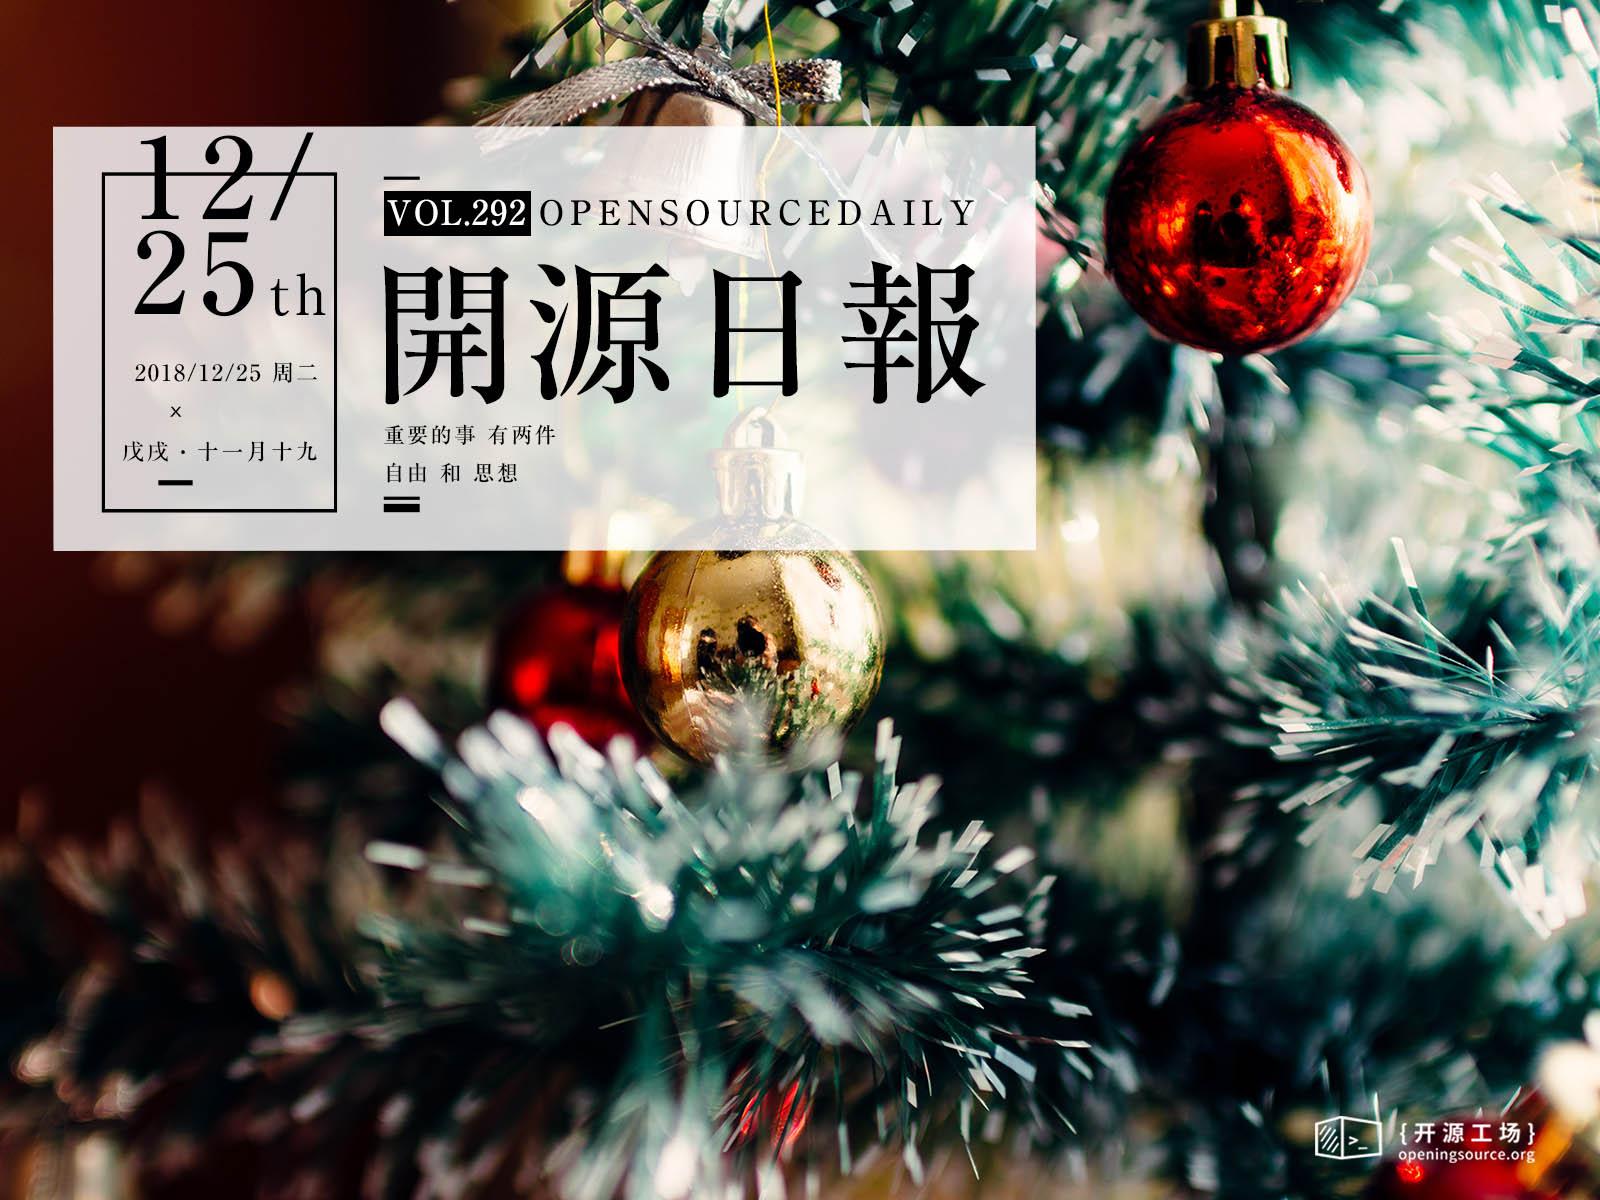 2018年12月25日:開源日報第292期